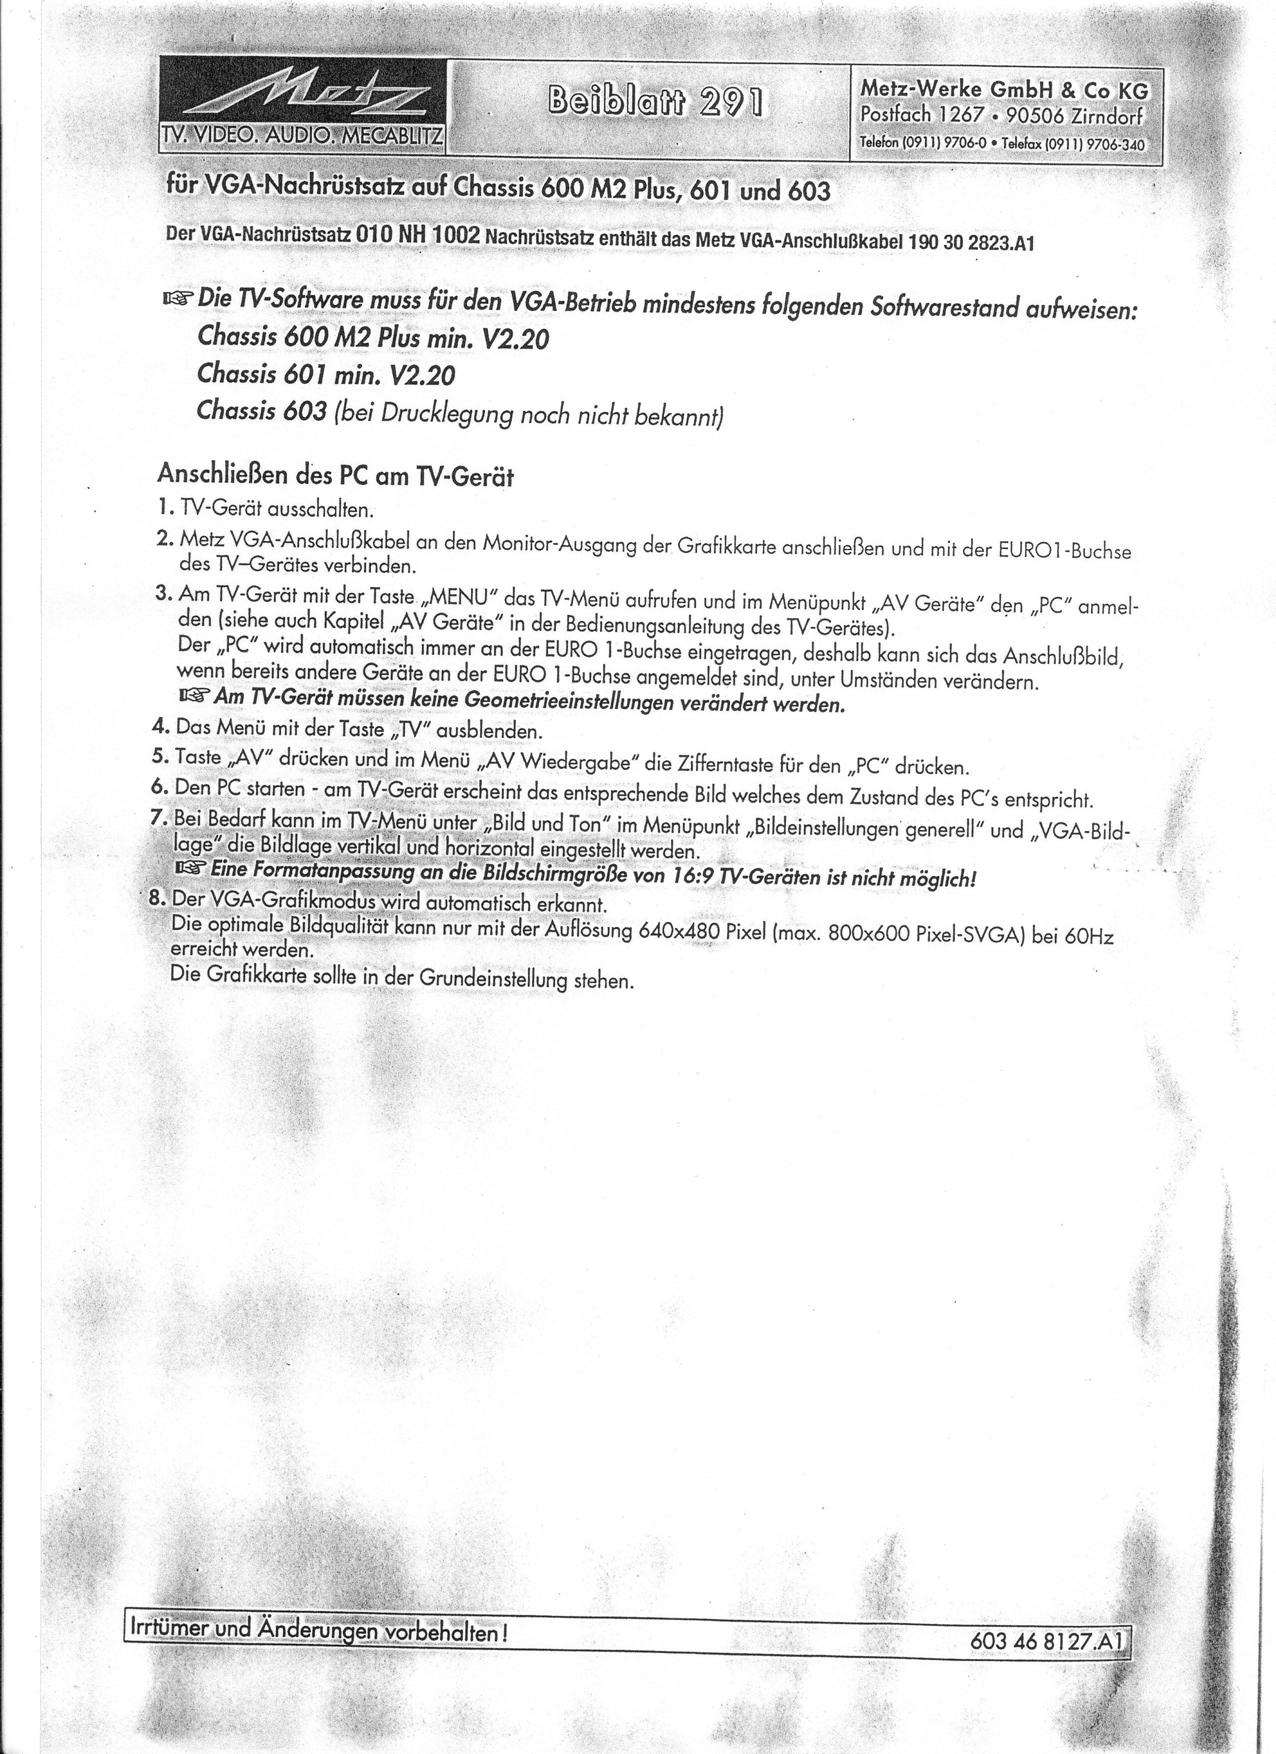 Ungewöhnlich Vga Kabel Schaltplan Bilder - Der Schaltplan - greigo.com